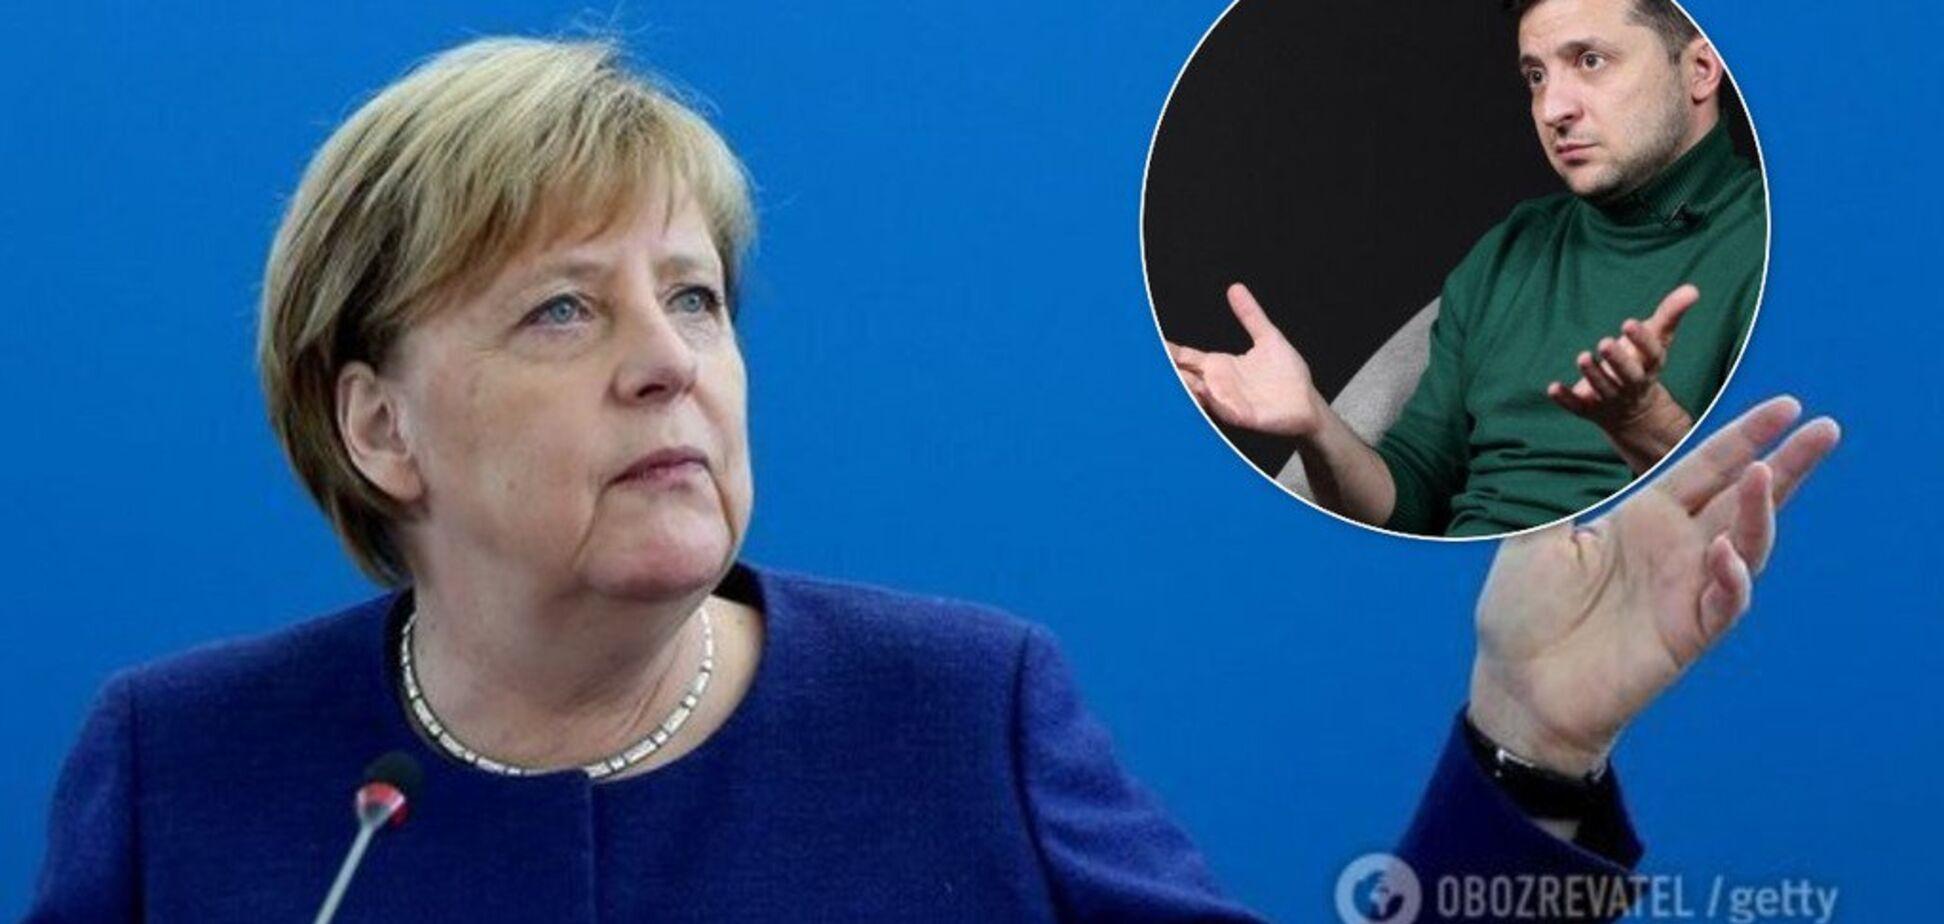 Меркель, Трюдо и Пенс позвонили Зеленскому: стало известно, о чем договорились